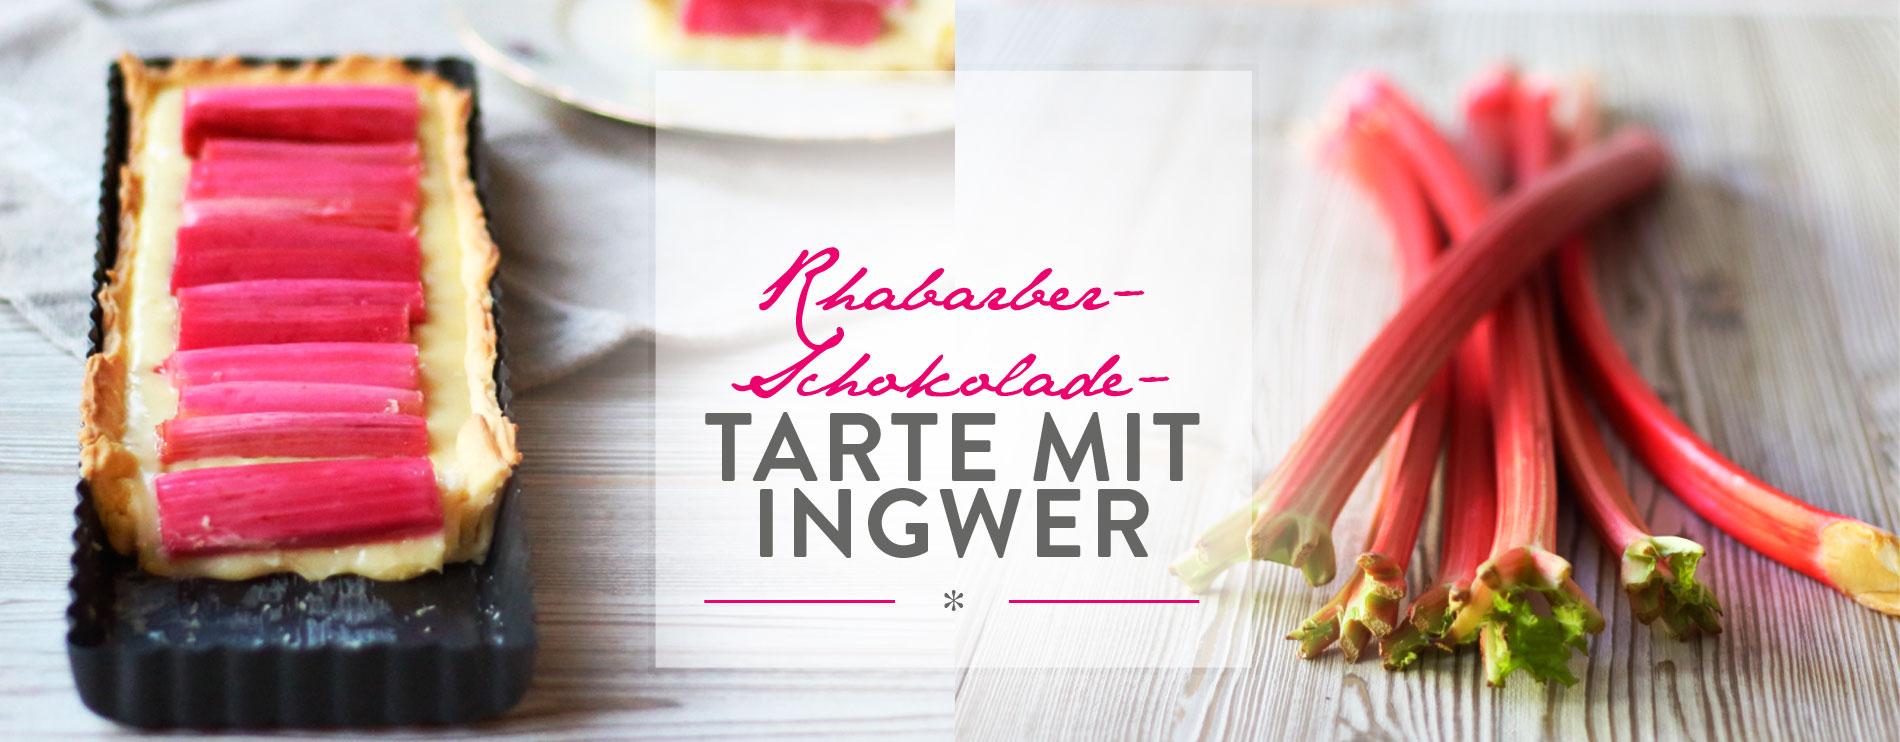 Header habarber-Schokolade-Tarte mit Ingwer